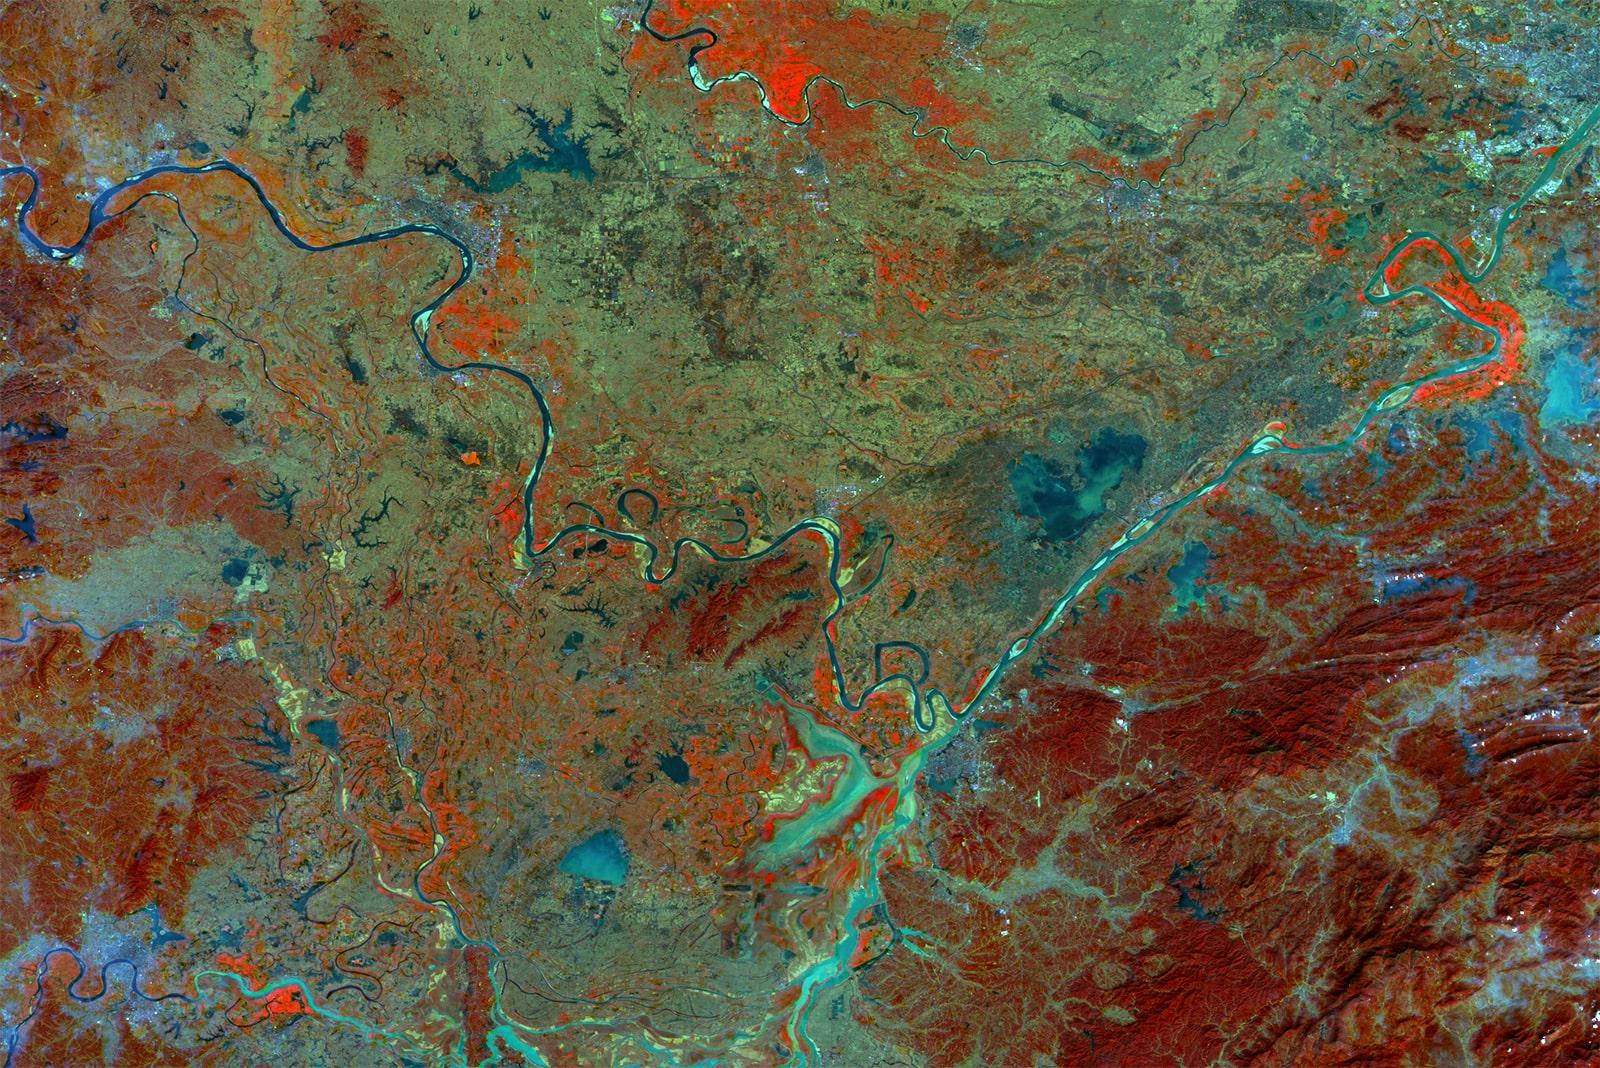 PROBA-V 100 m image of Hubei, China